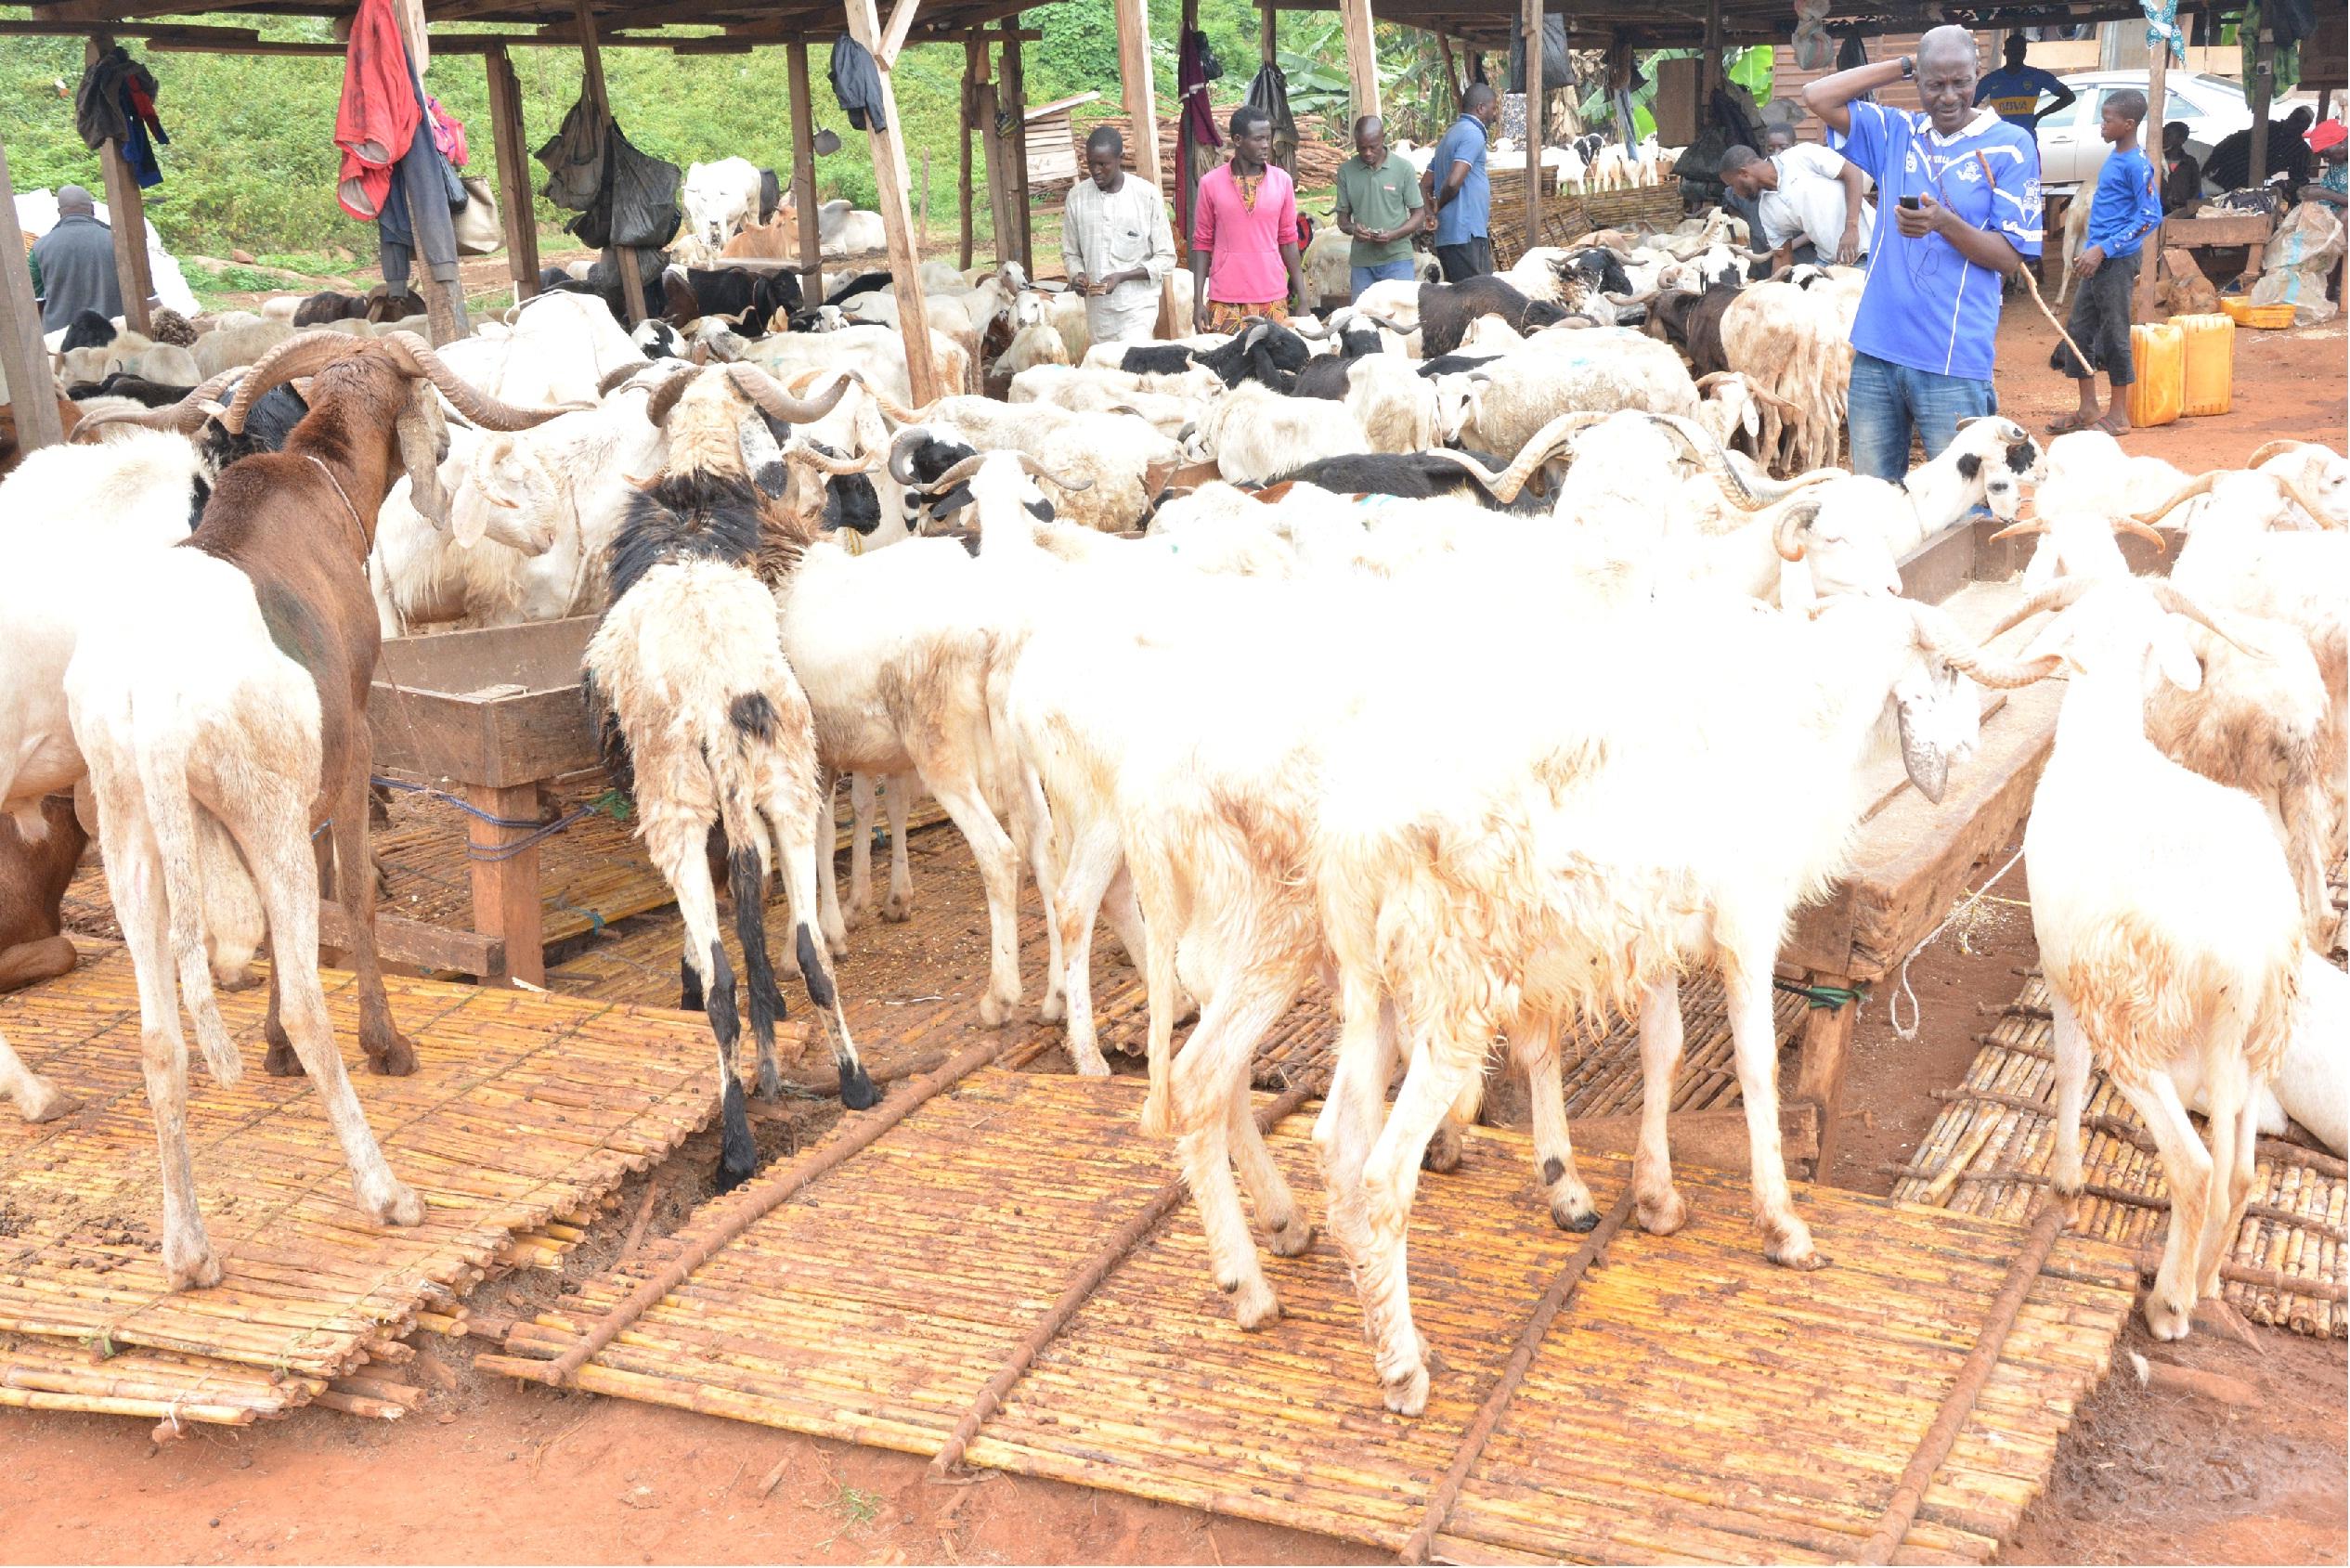 Ondo Muslims celebrate Eid-El-Kabir